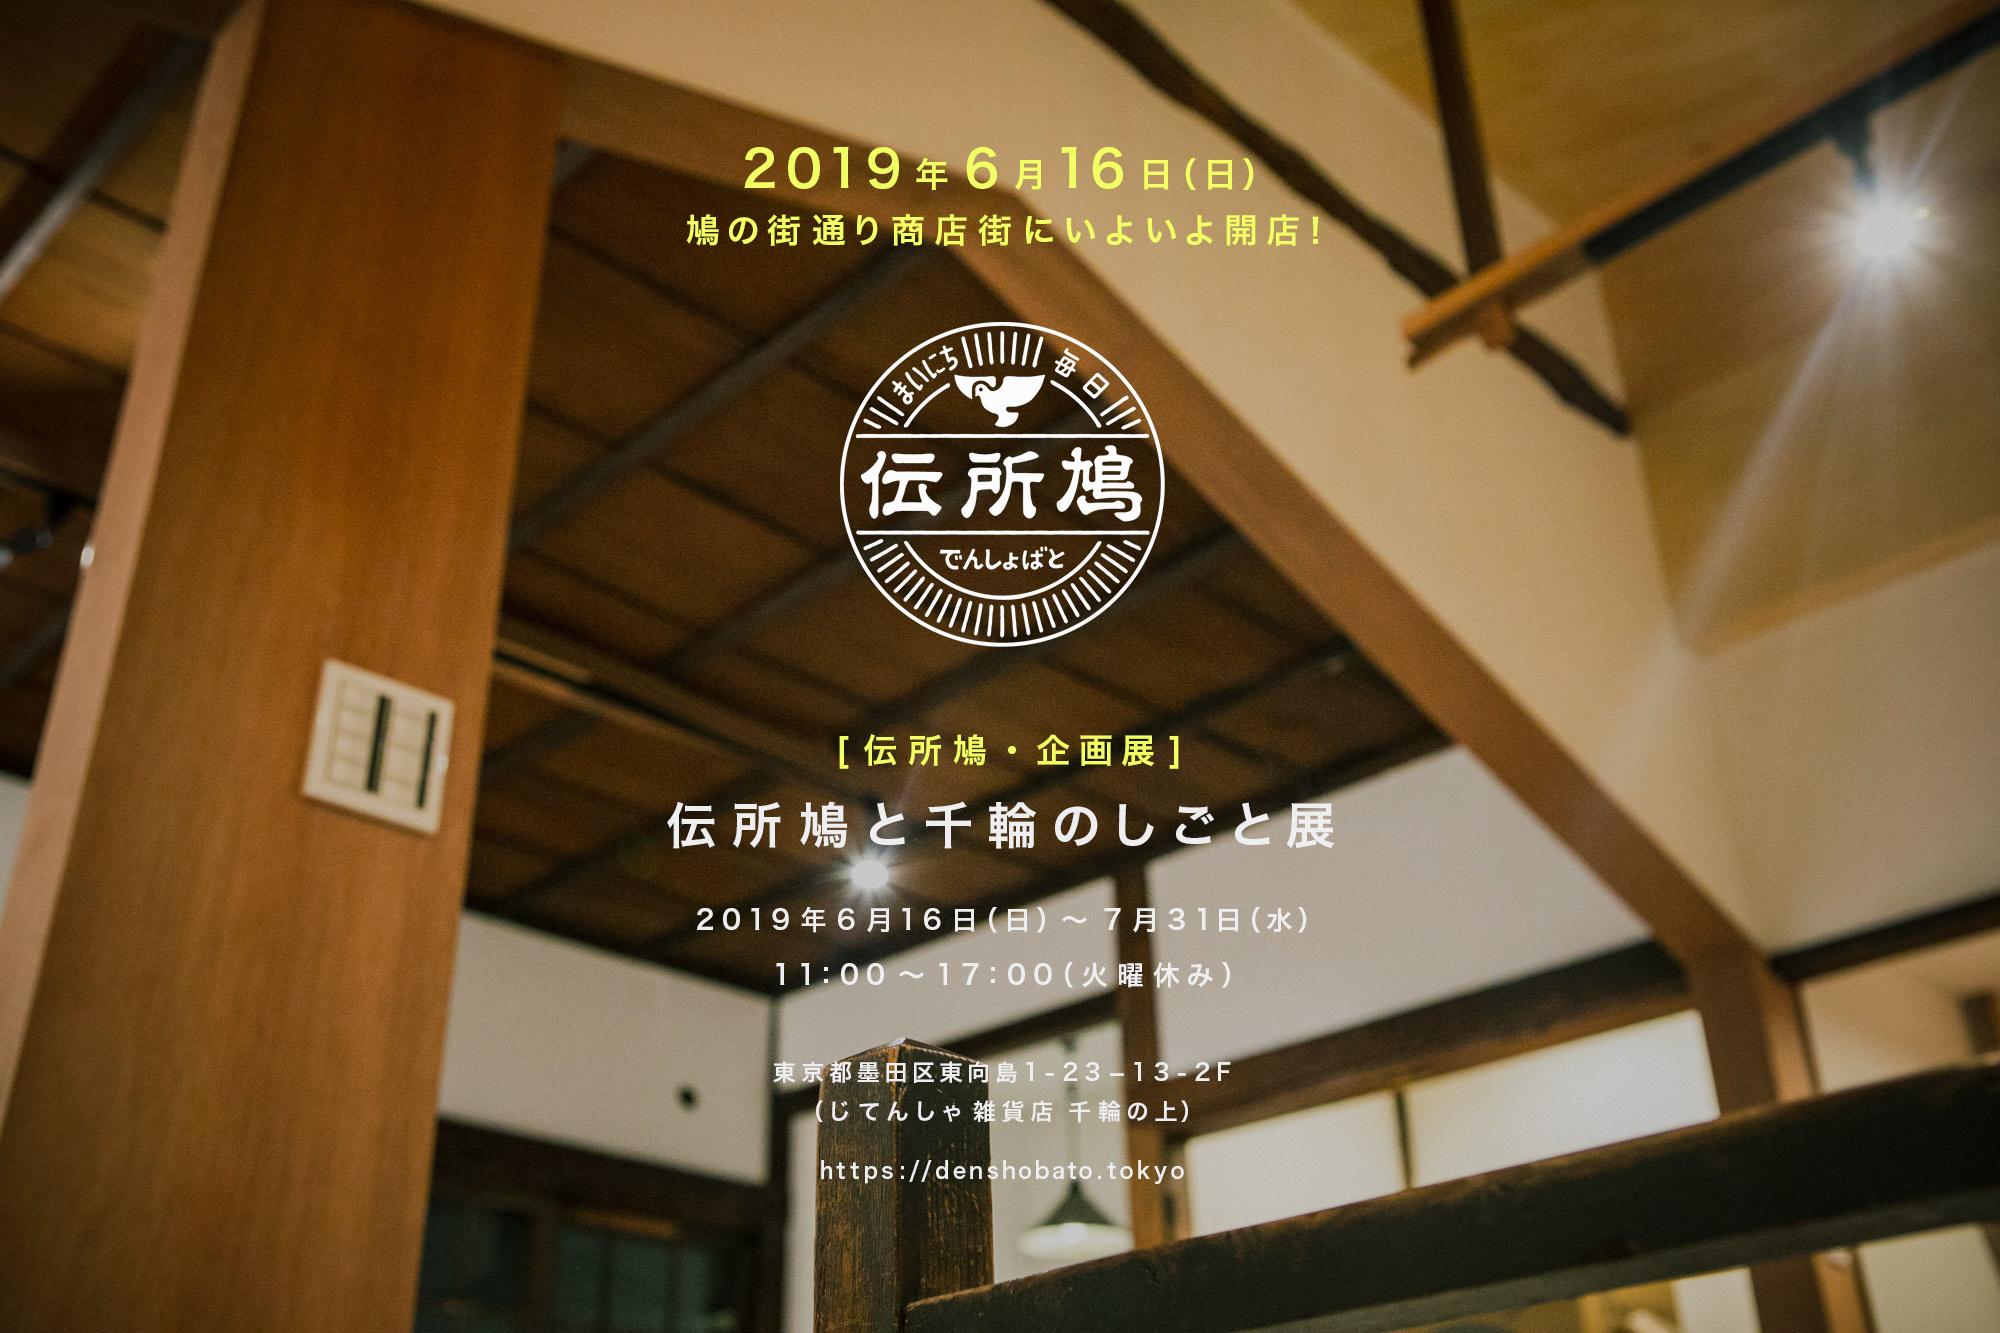 【伝所鳩|企画展 Vol.00】伝所鳩と千輪のしごと展